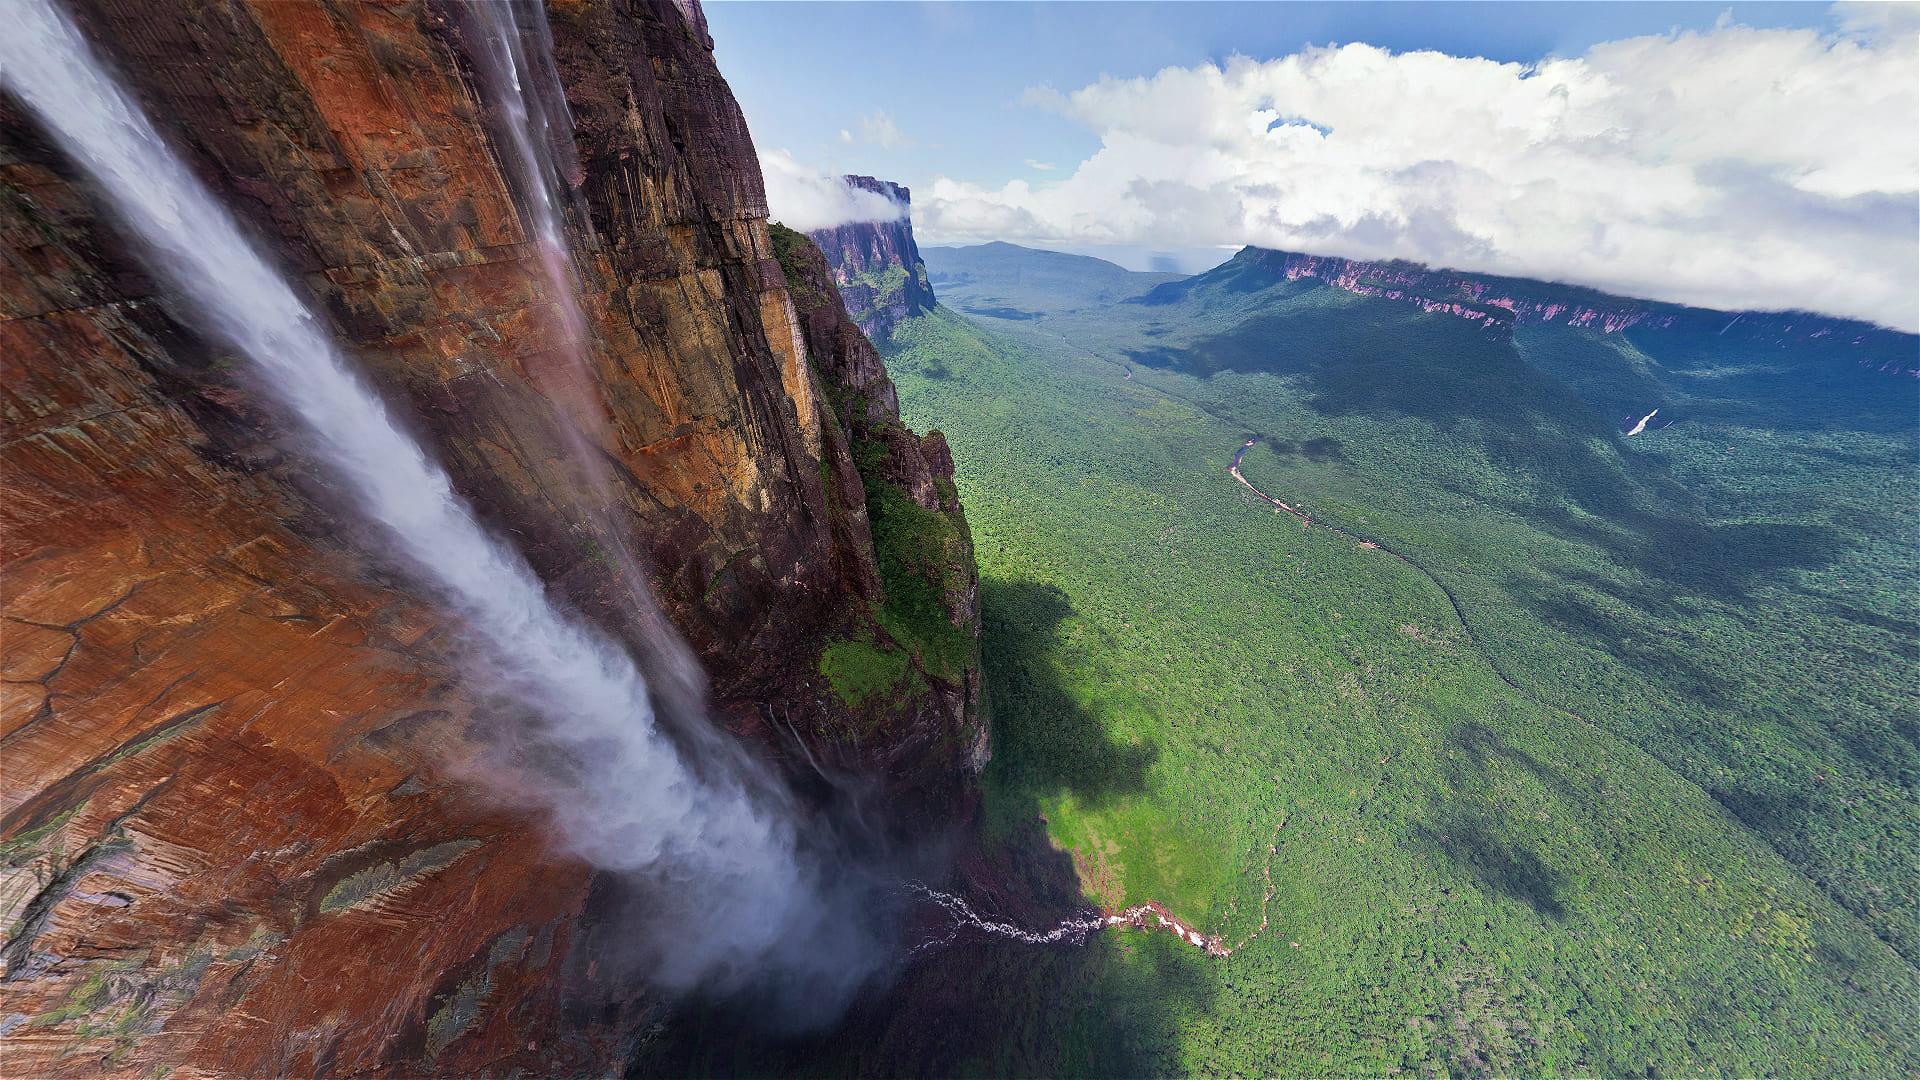 HDoboi.Kiev.ua - Самый большой водопад в мире Анхель в Венесуэле, full hd